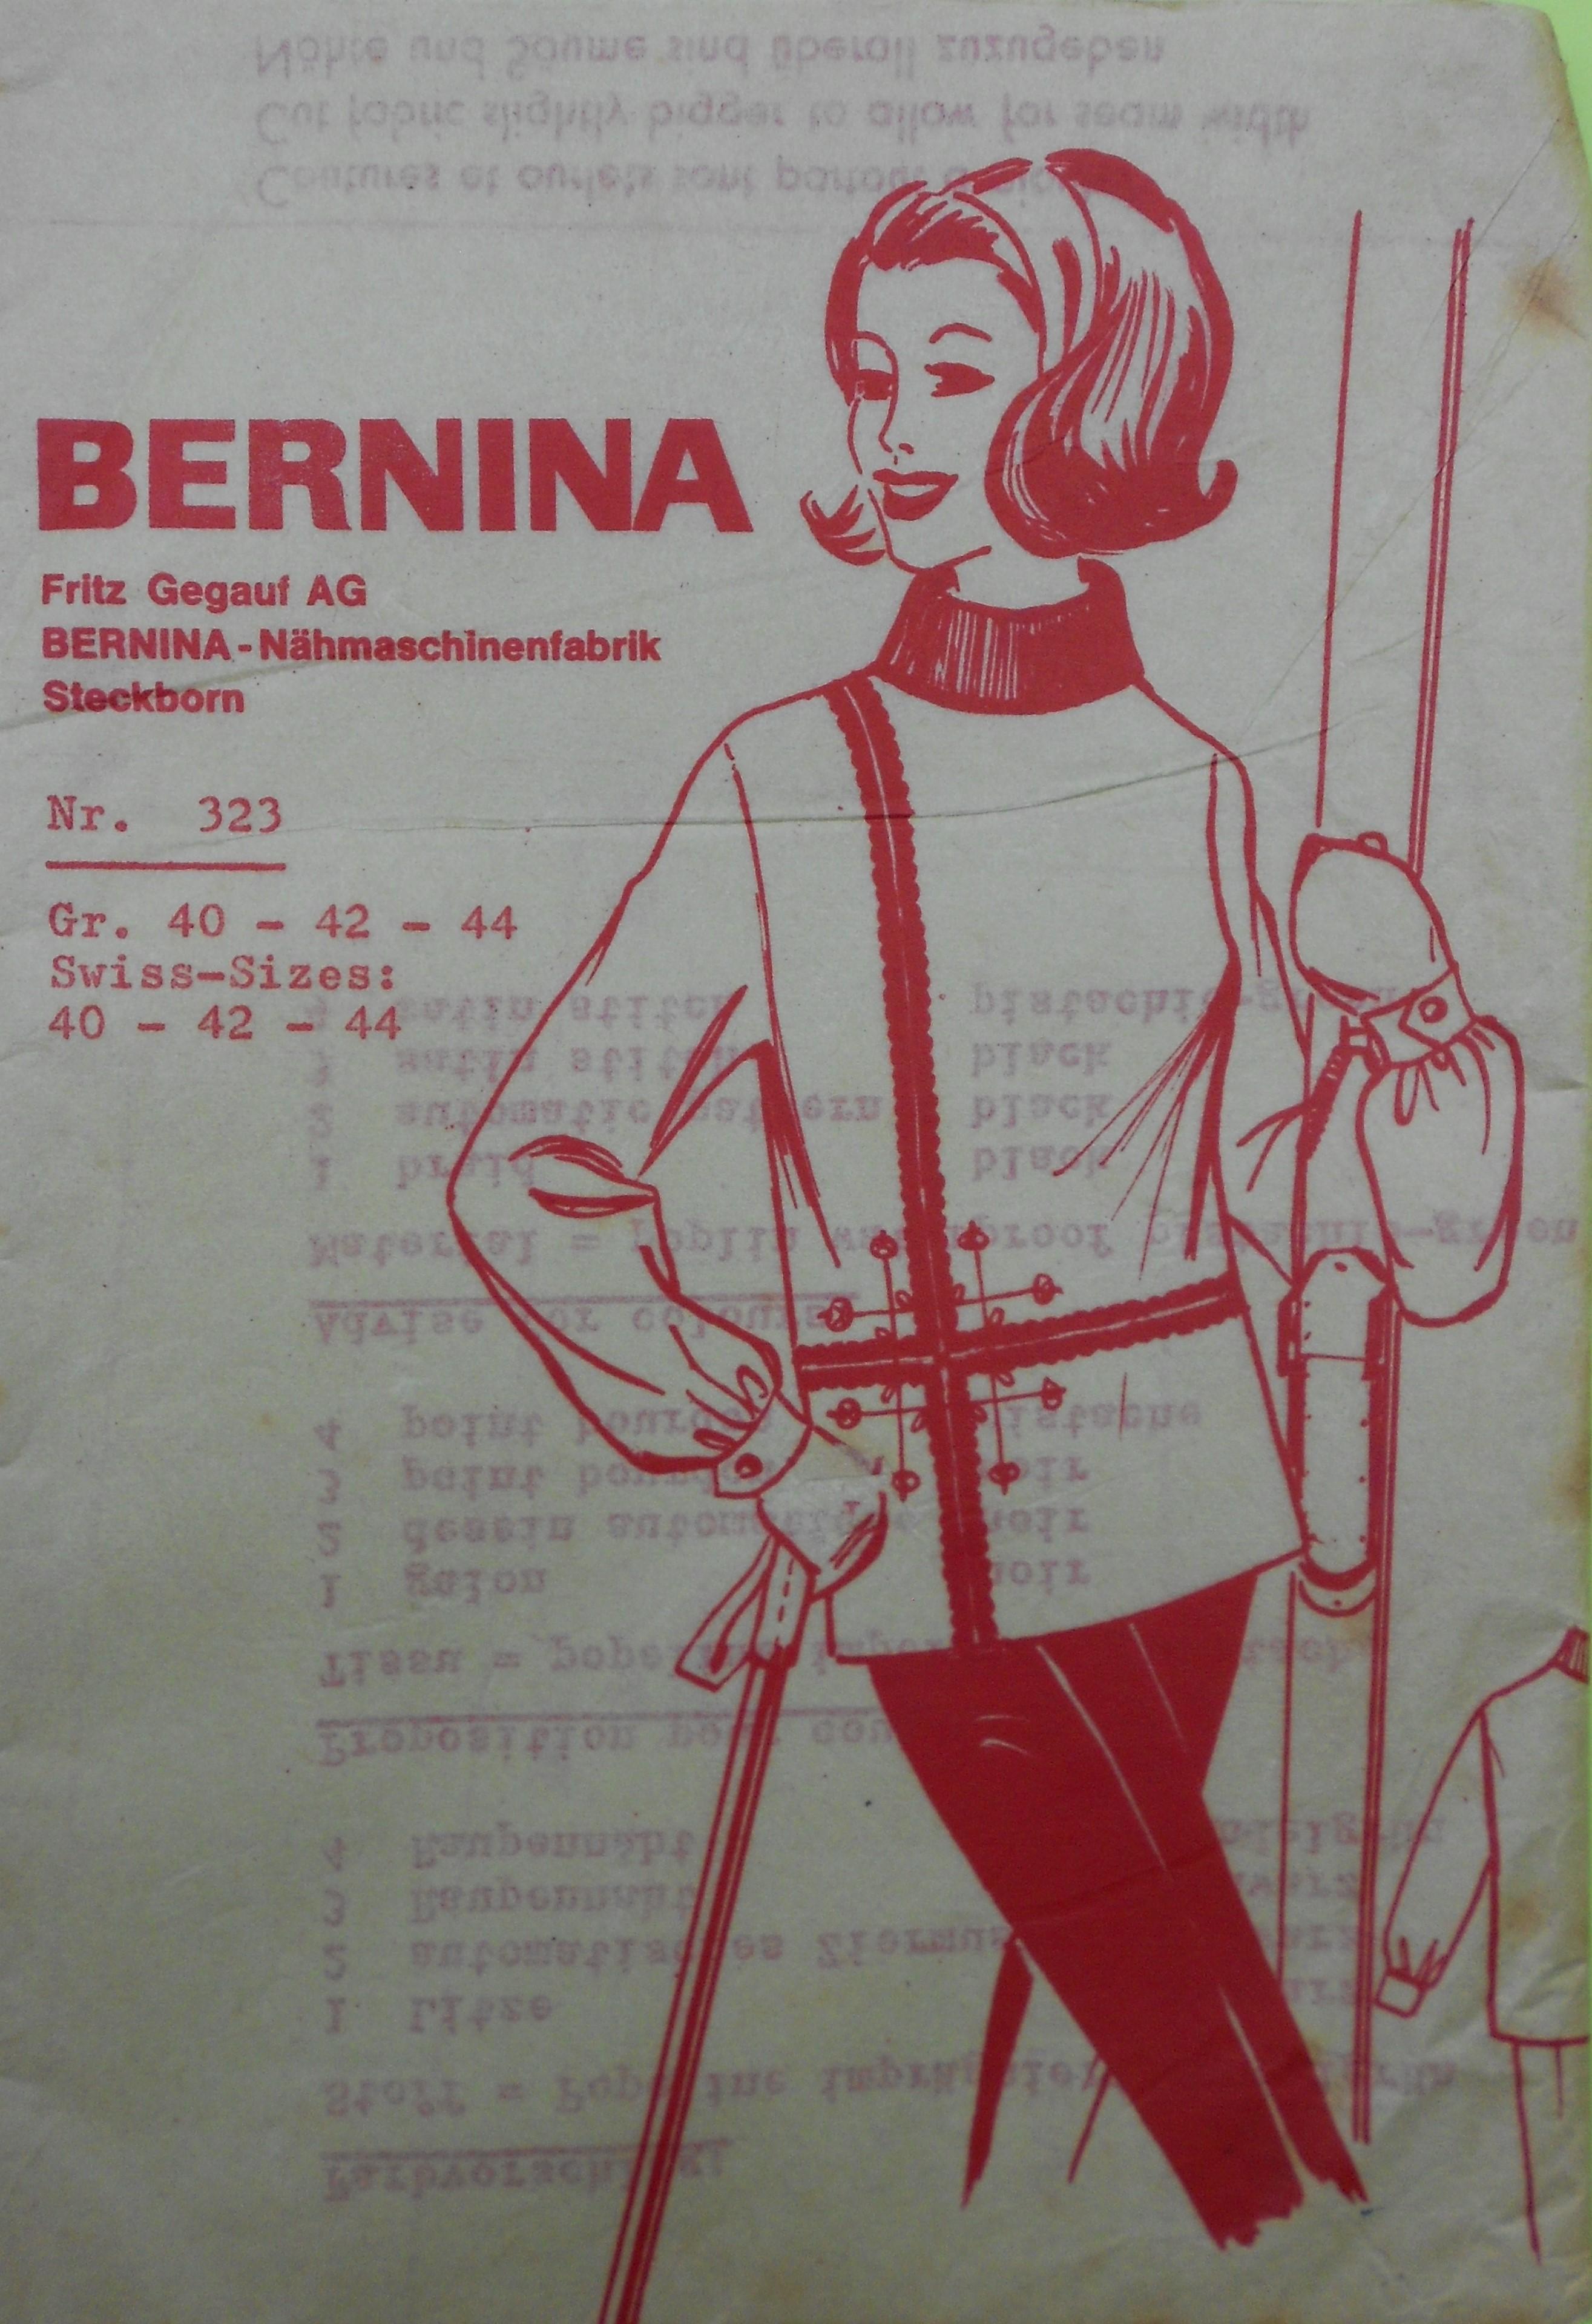 Bernina 323